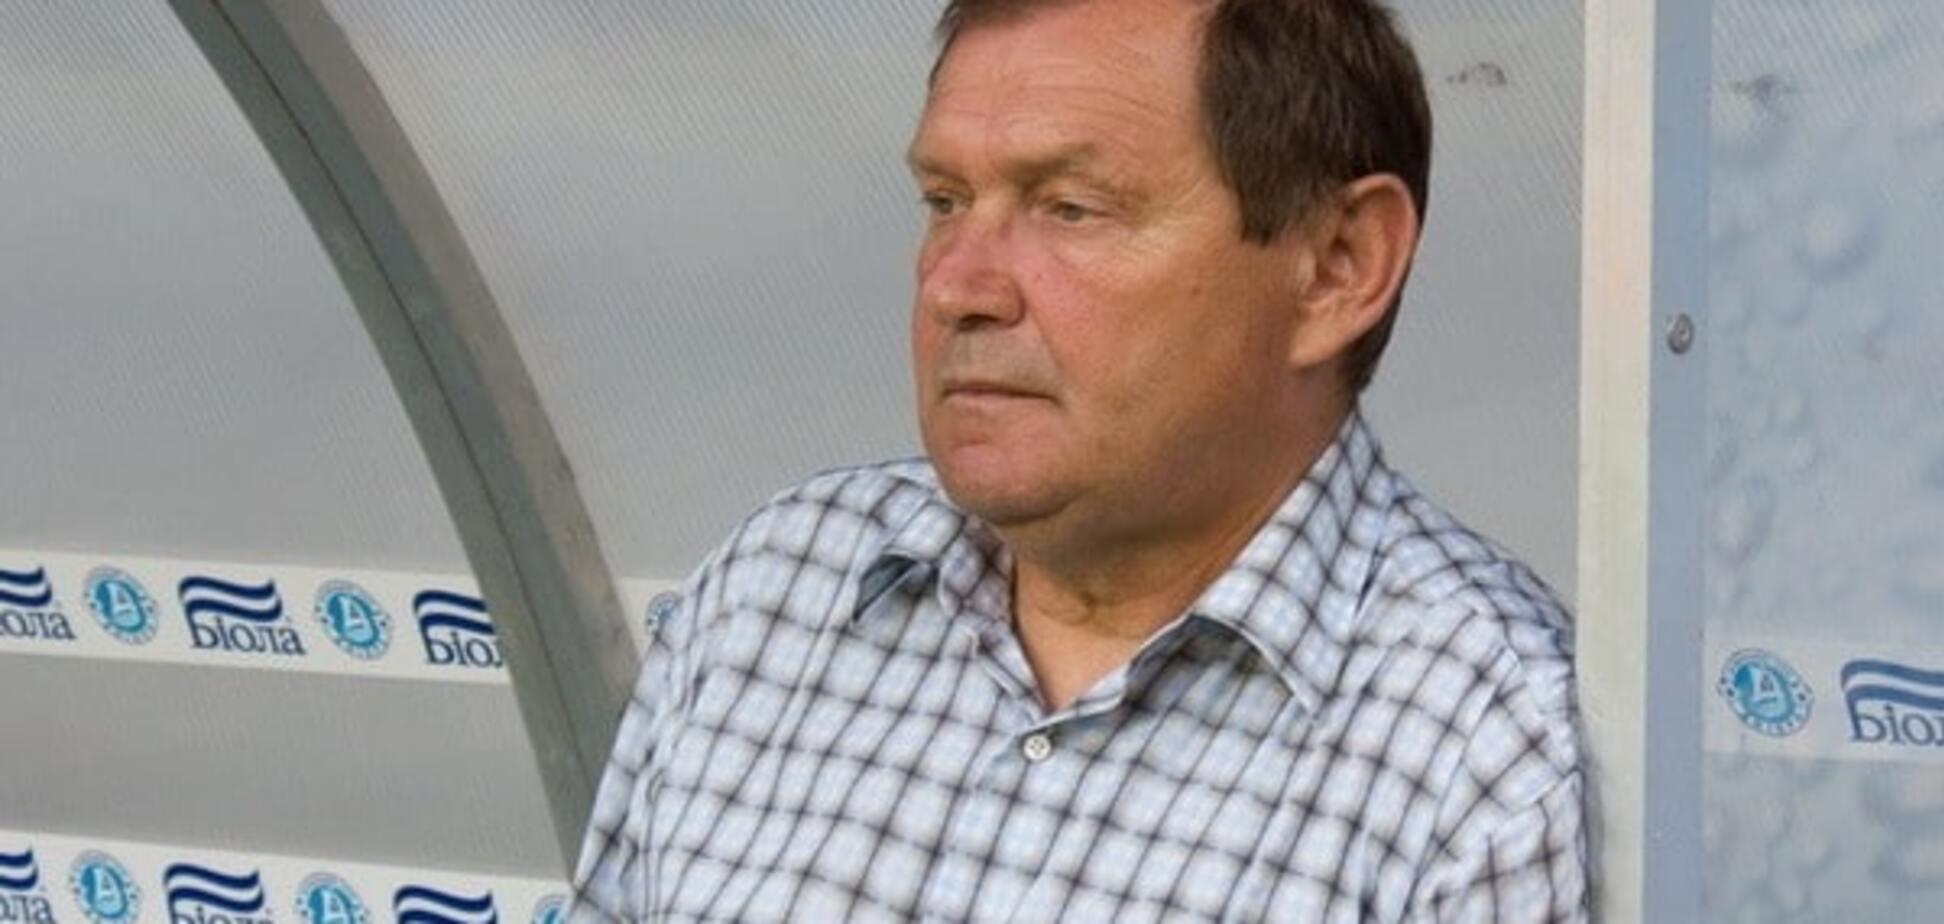 'Ми всі - українці': легенда 'Шахтаря' став на захист футболістів 'ДНР' та 'ЛНР'